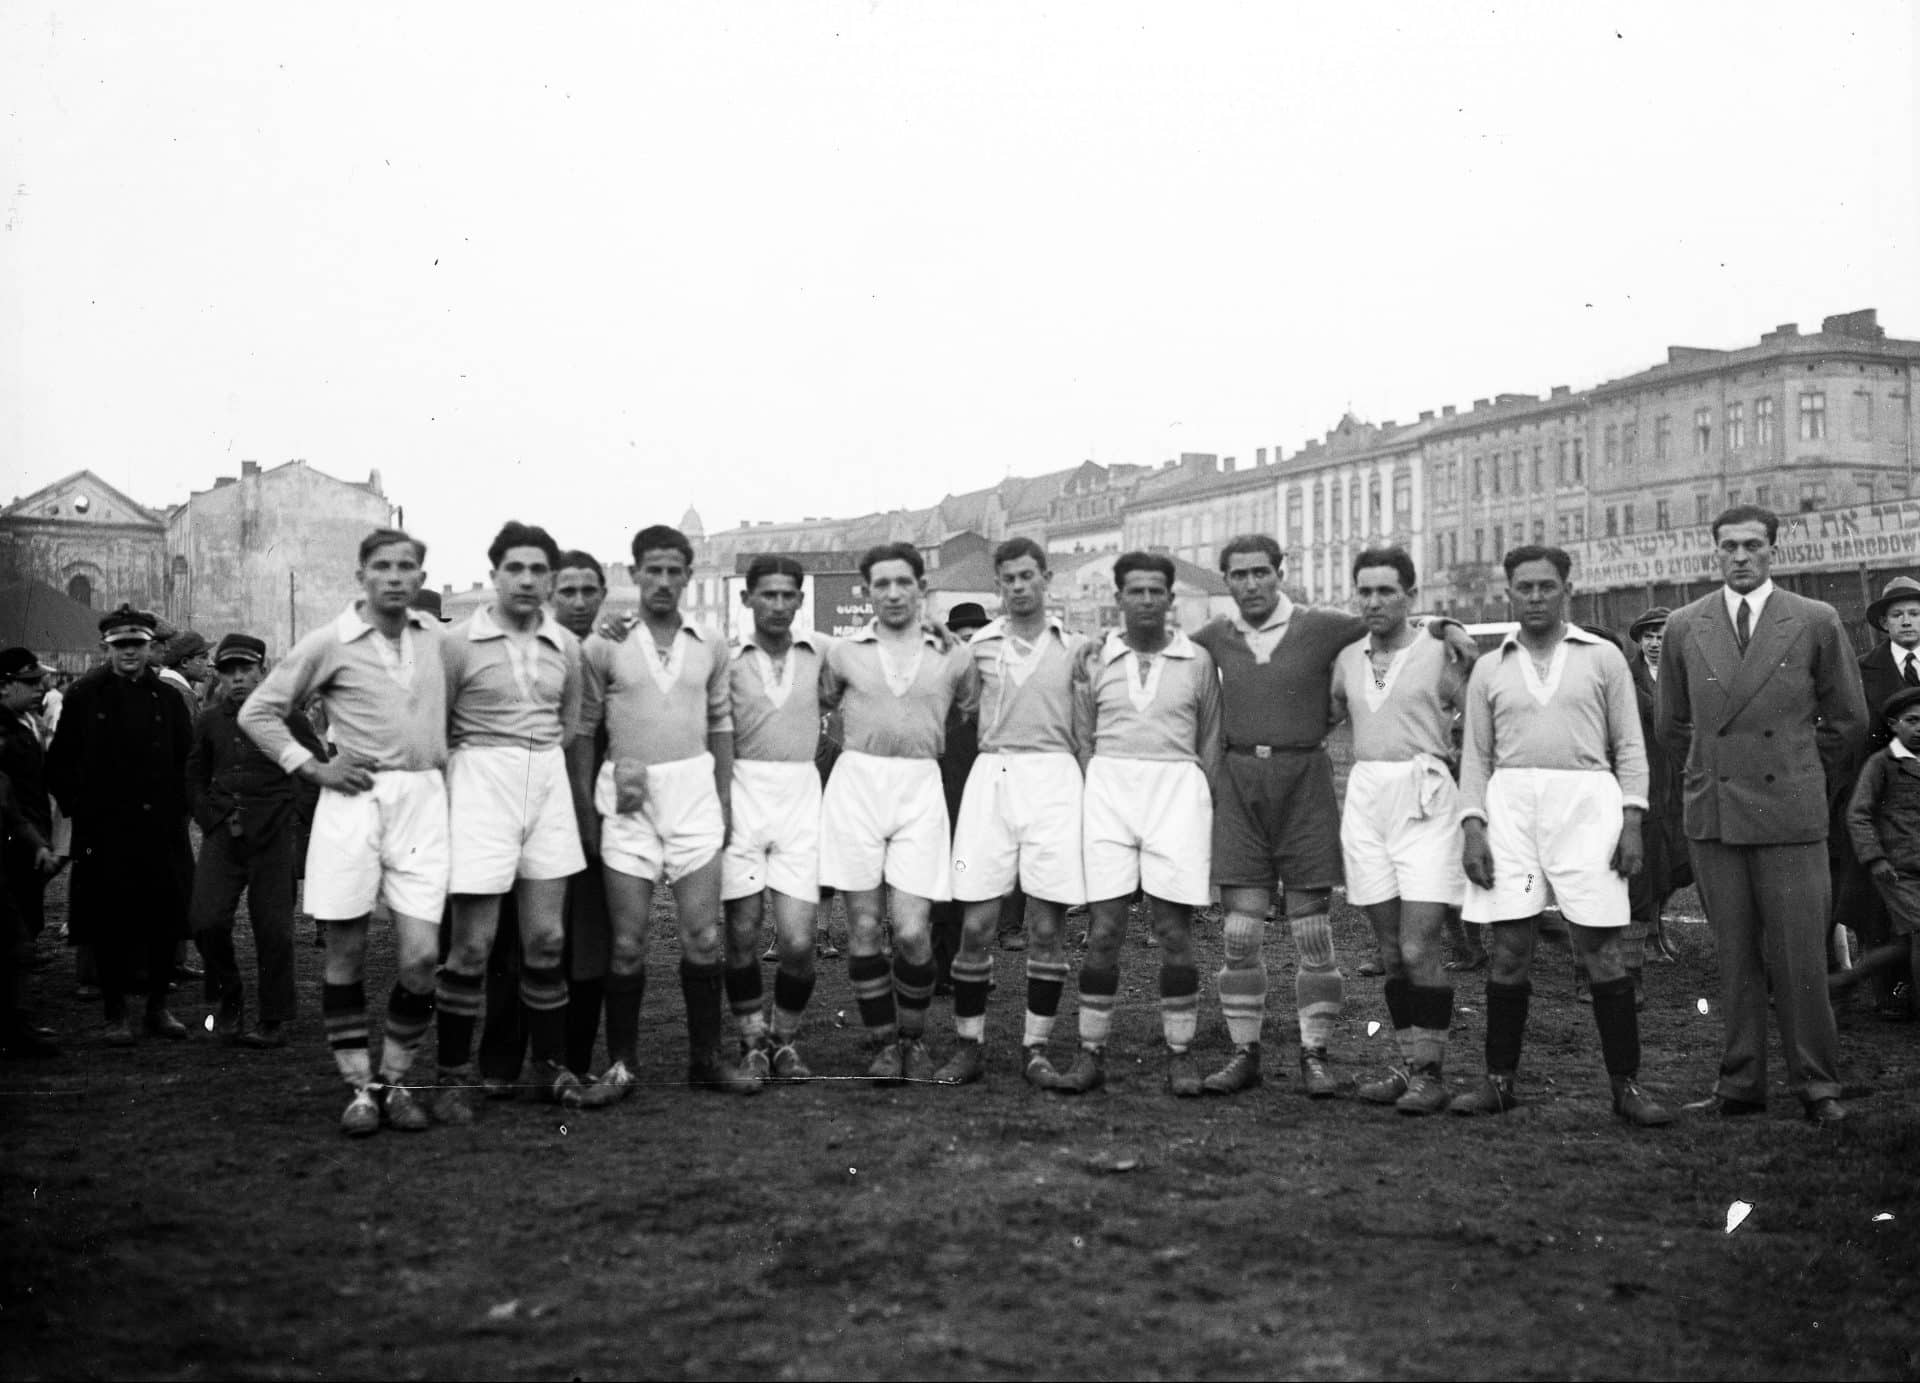 Piłkarska drużyna Makkabi Kraków w 1934 roku. Źródło: Narodowe Archiwum Cyfrowe.